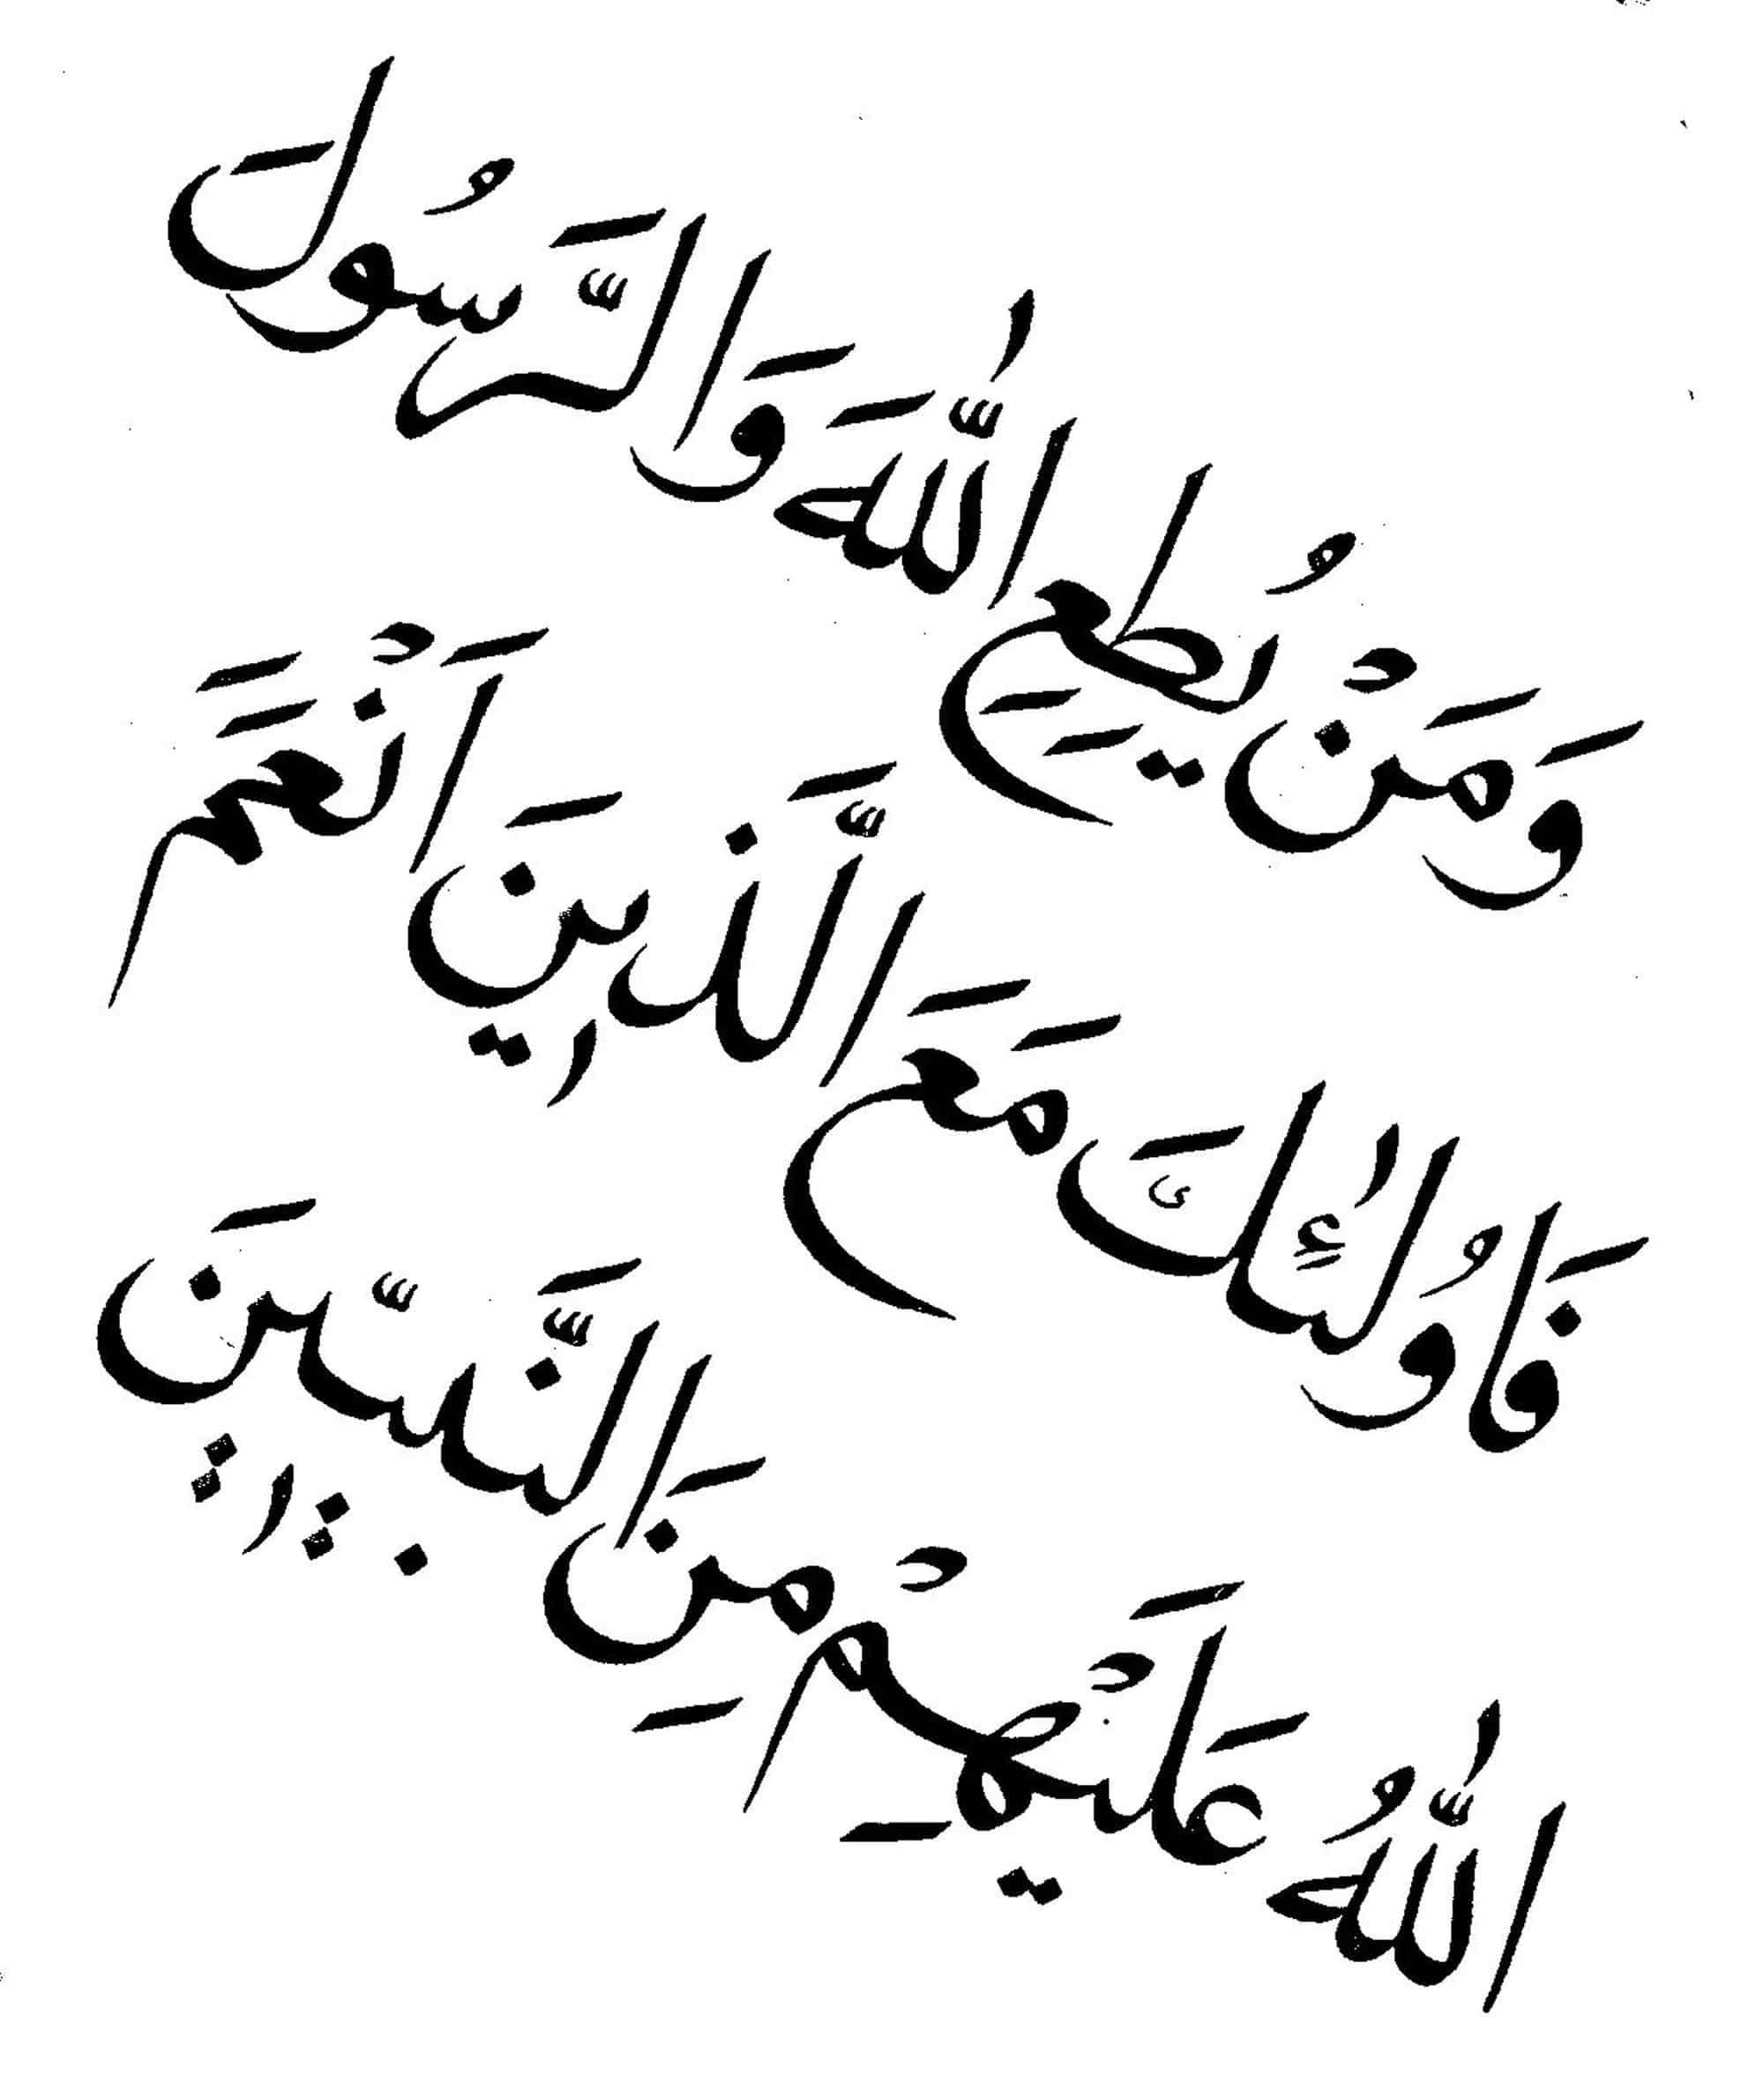 أجمل لوحات خط عربي نسخ موسوعة